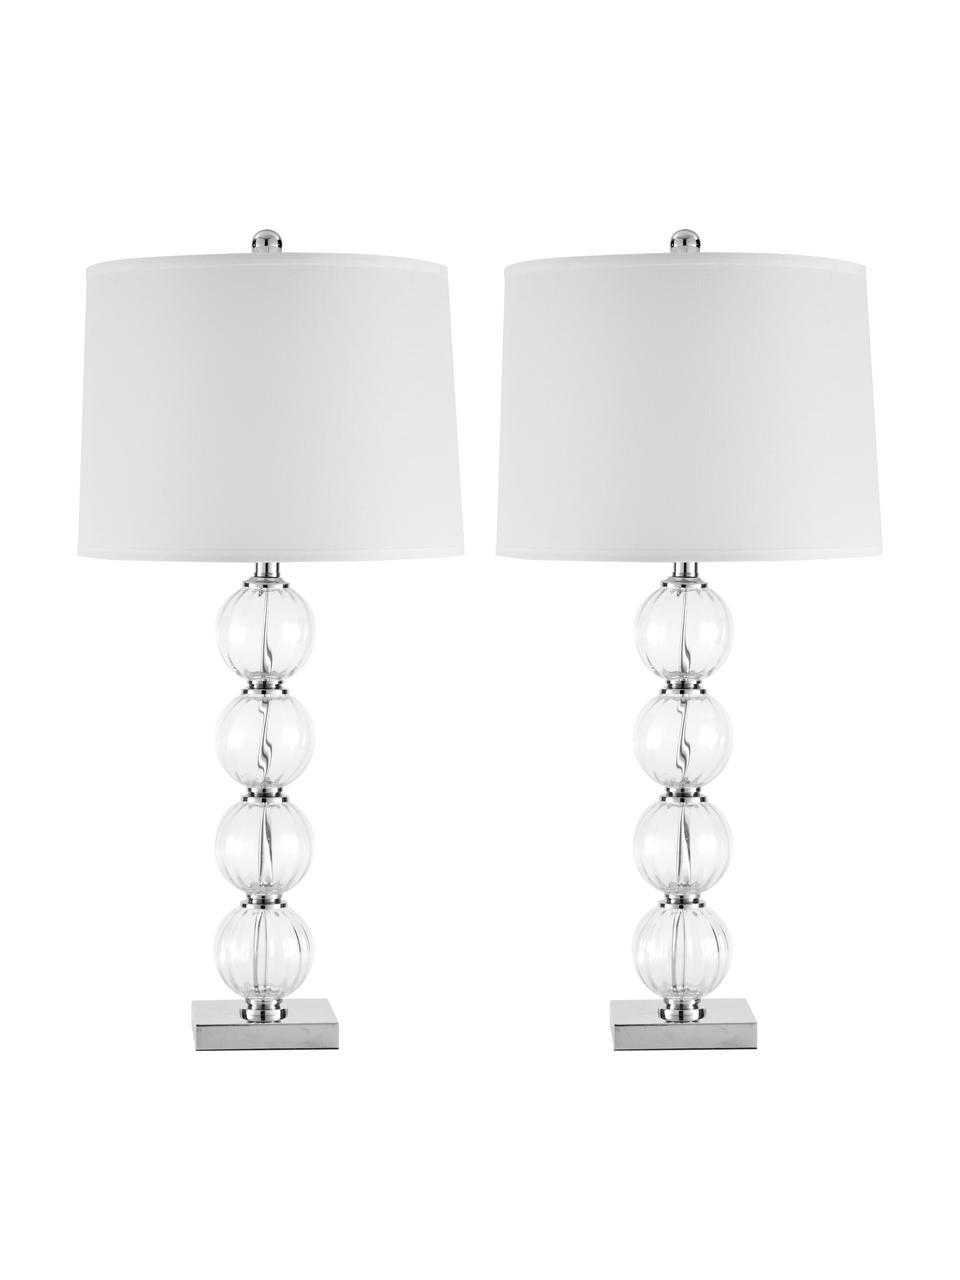 Lampada da tavolo Luisa 2 pz, Paralume: poliestere, Base della lampada: vetro, Presa di corrente: metallo, Paralume: bianco Base della lampada: trasparente, Ø 38 x Alt. 76 cm